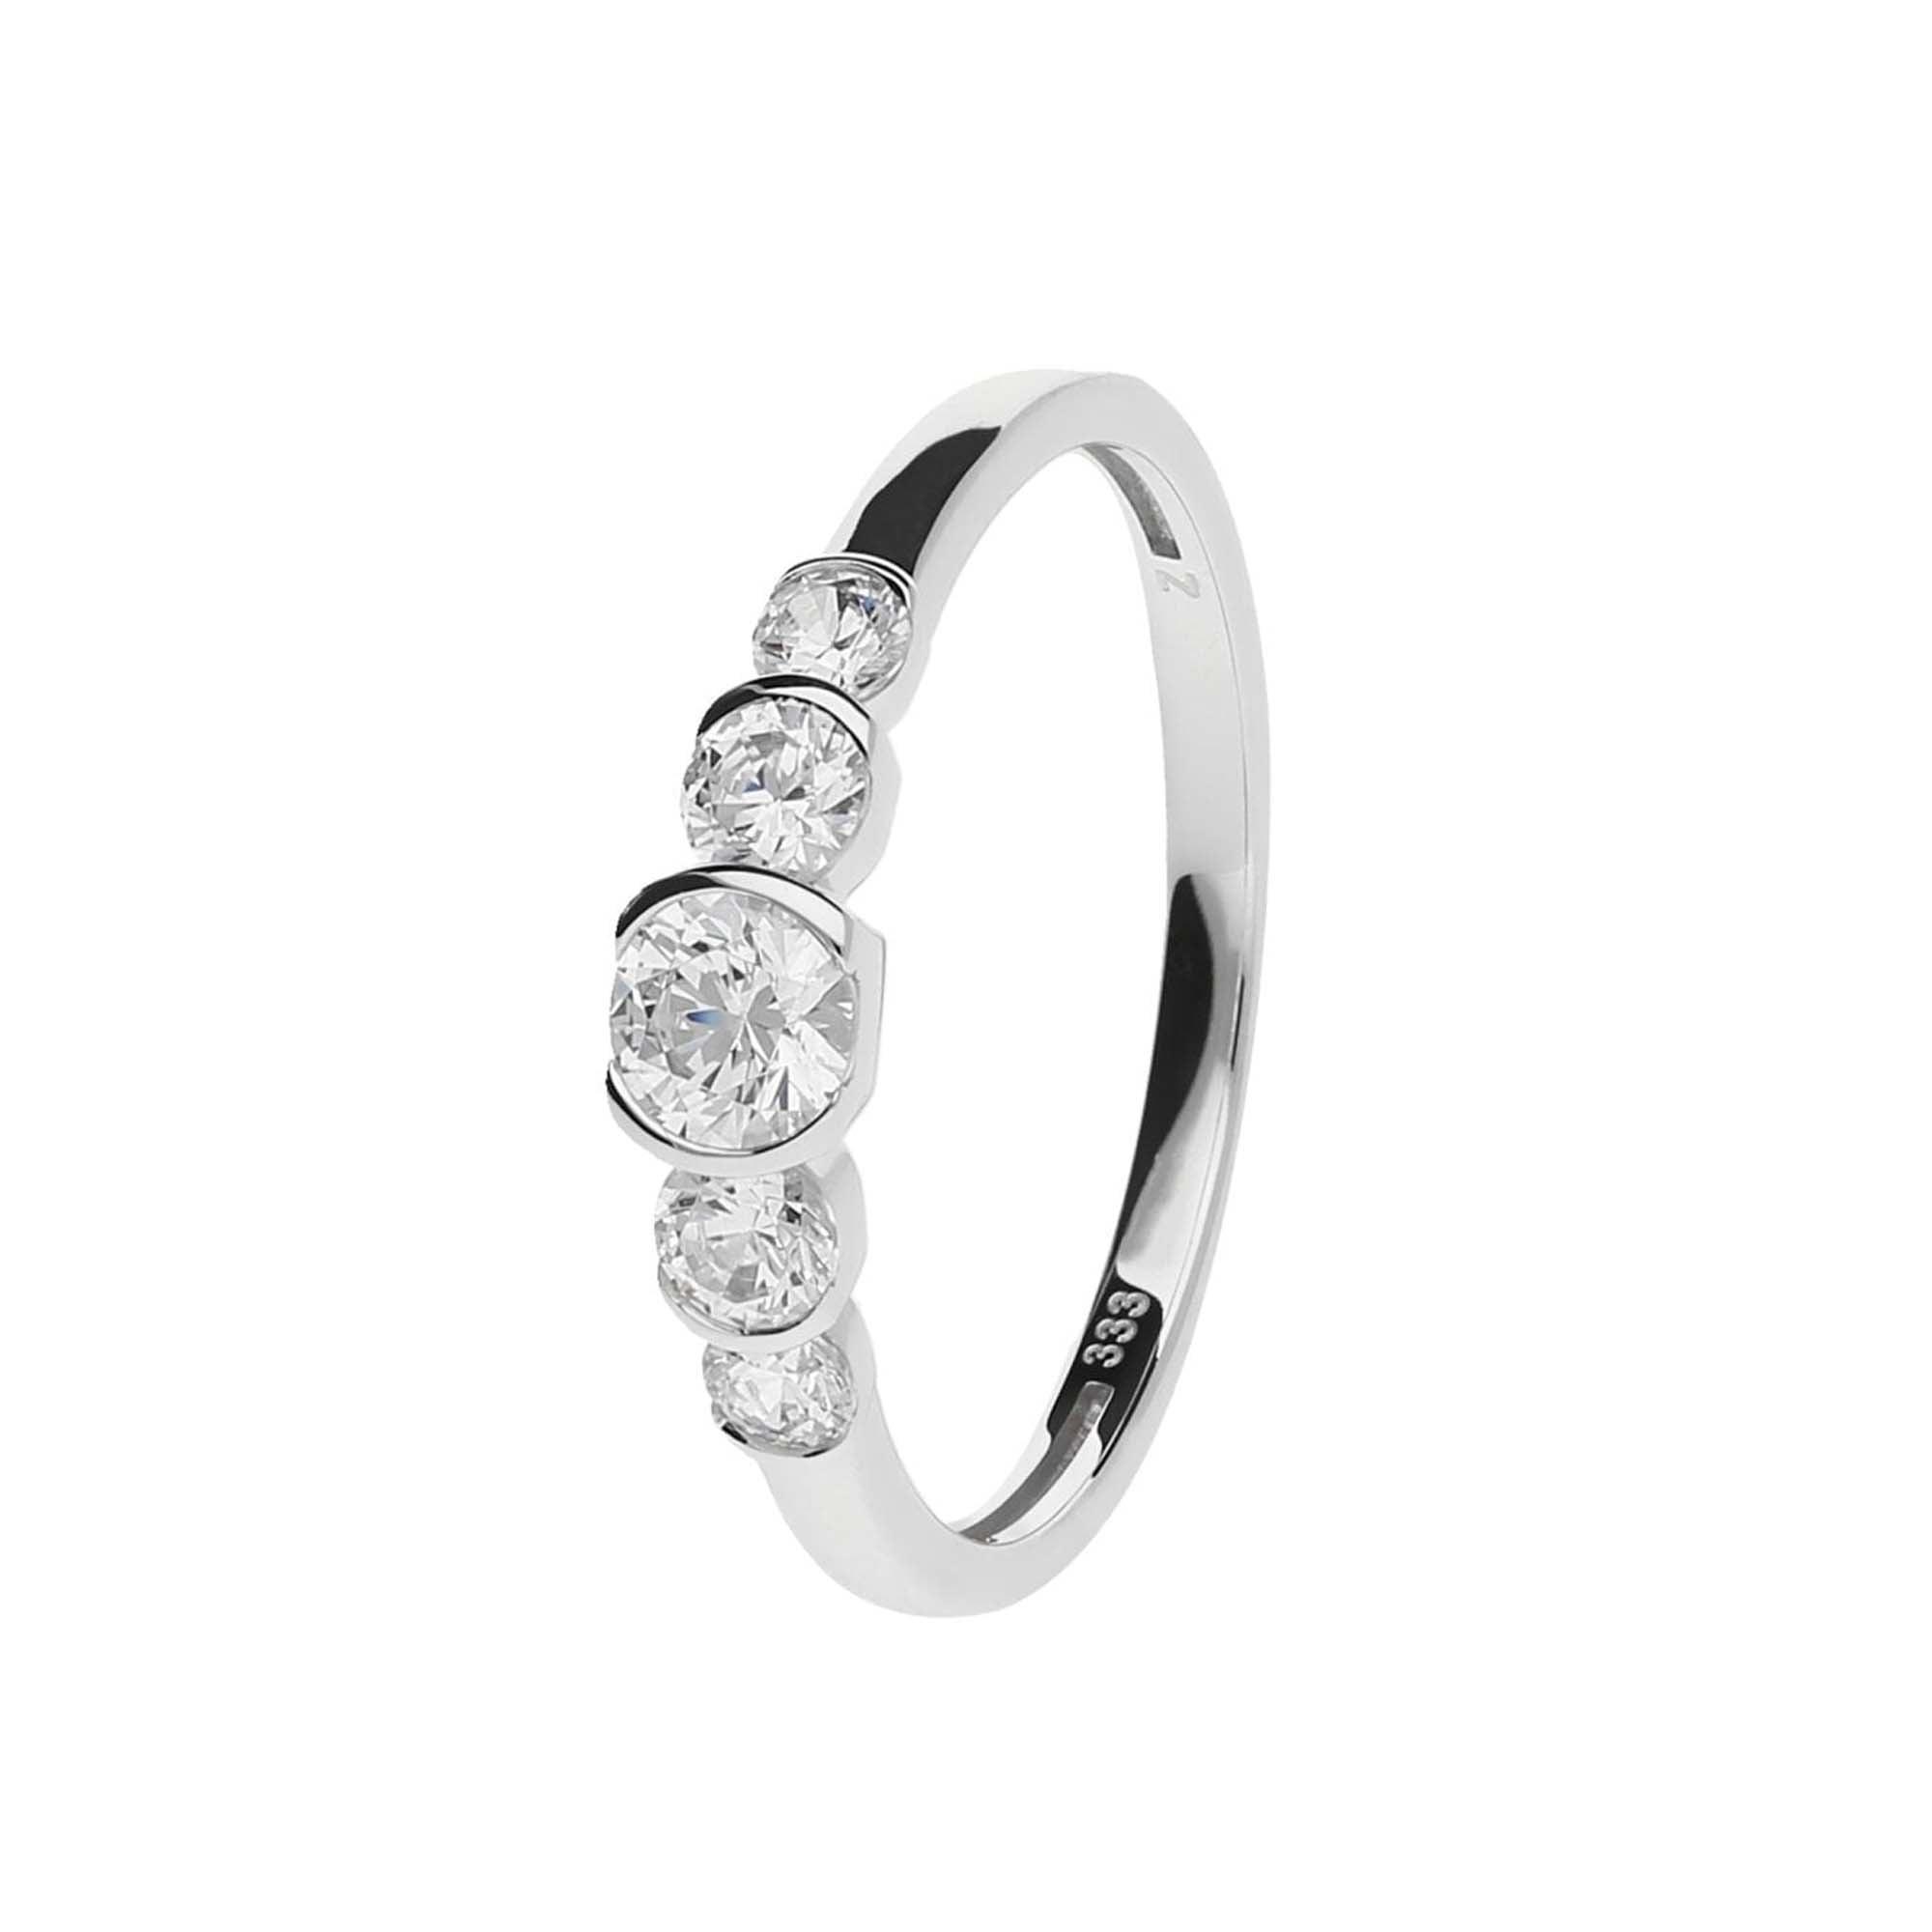 Juwelier Kraemer Ring Zirkonia 333 Gold 54 Mm Juwelier